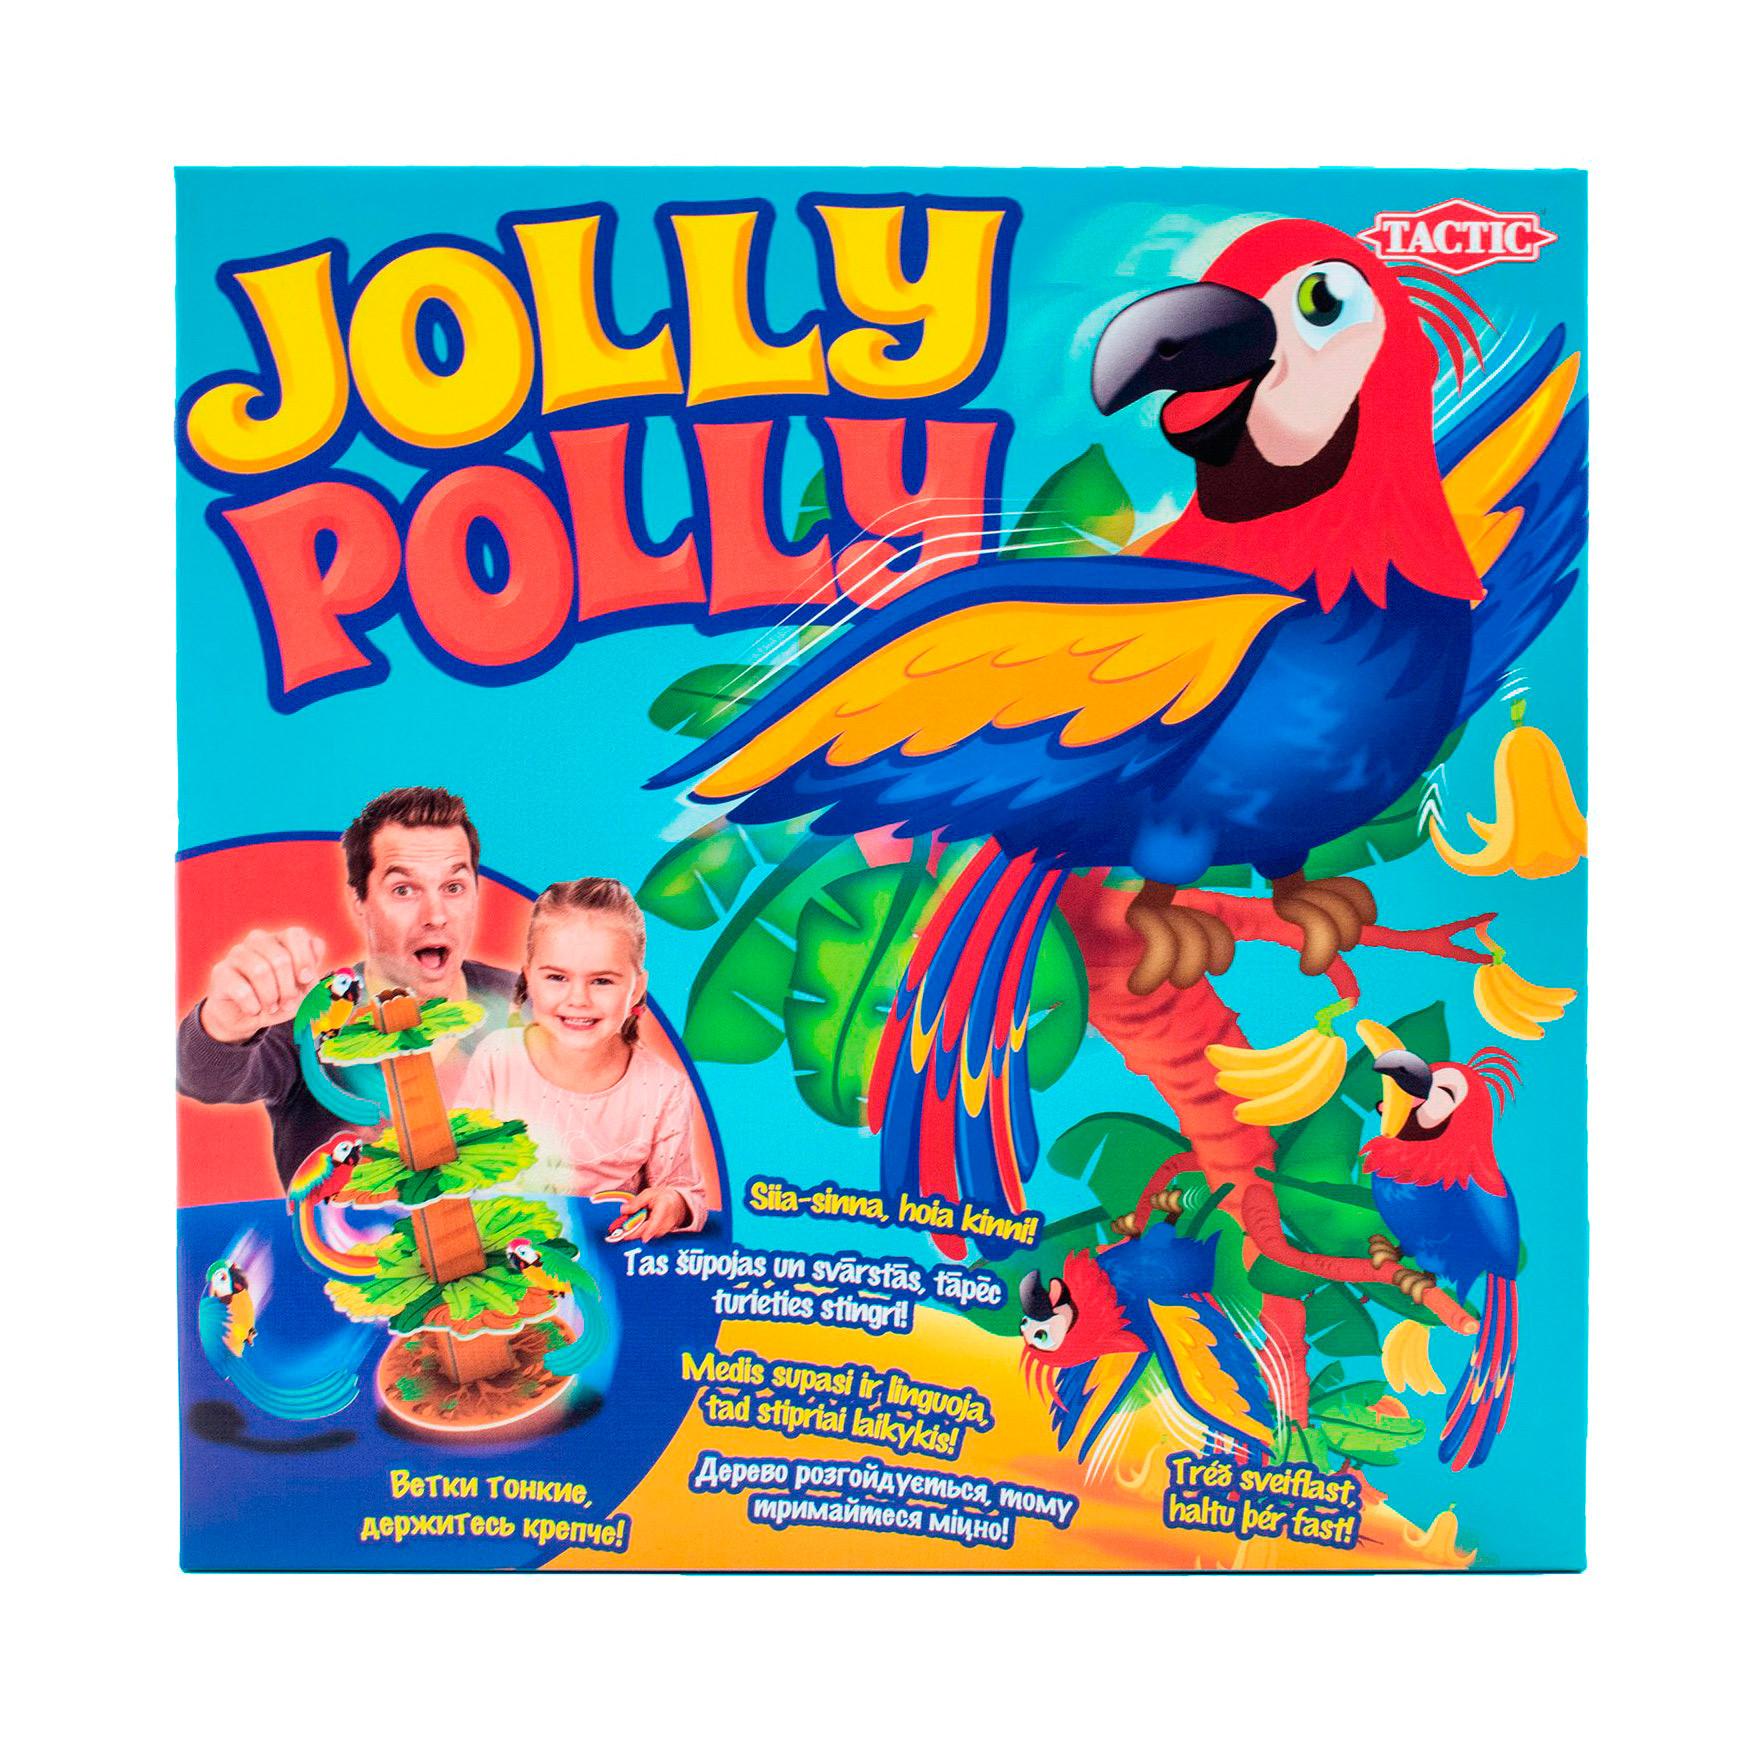 игра настольная развивающая для детей tactic коралловый риф Игра настольная Tactic Games Джоли Поли